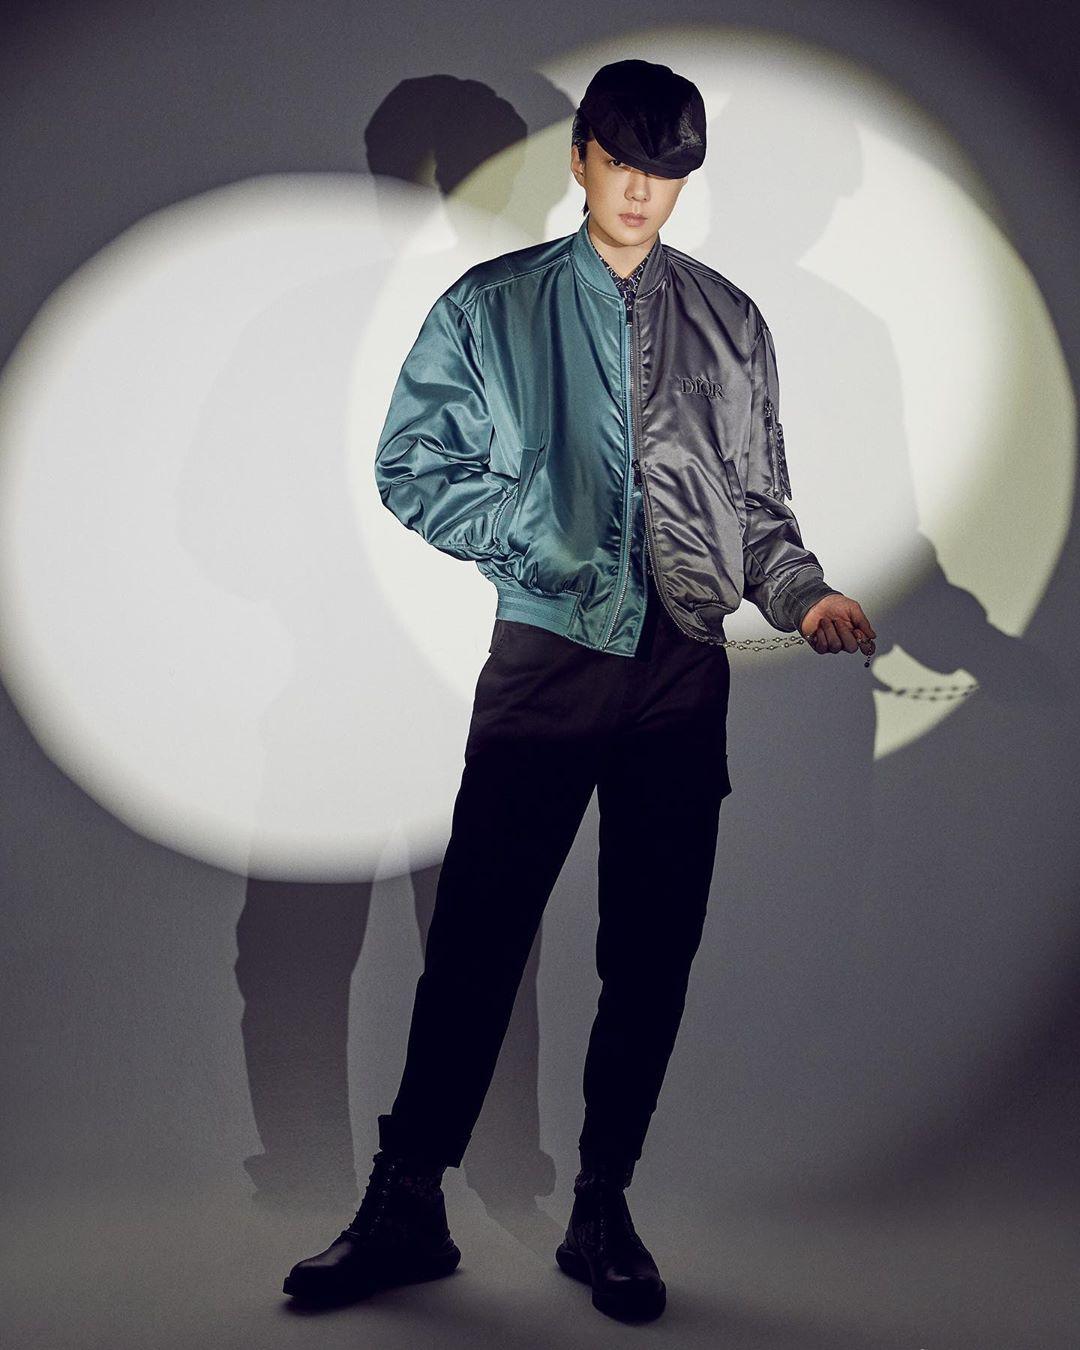 Se Hun chất lừ trong bộ ảnh quảng bá Dior.